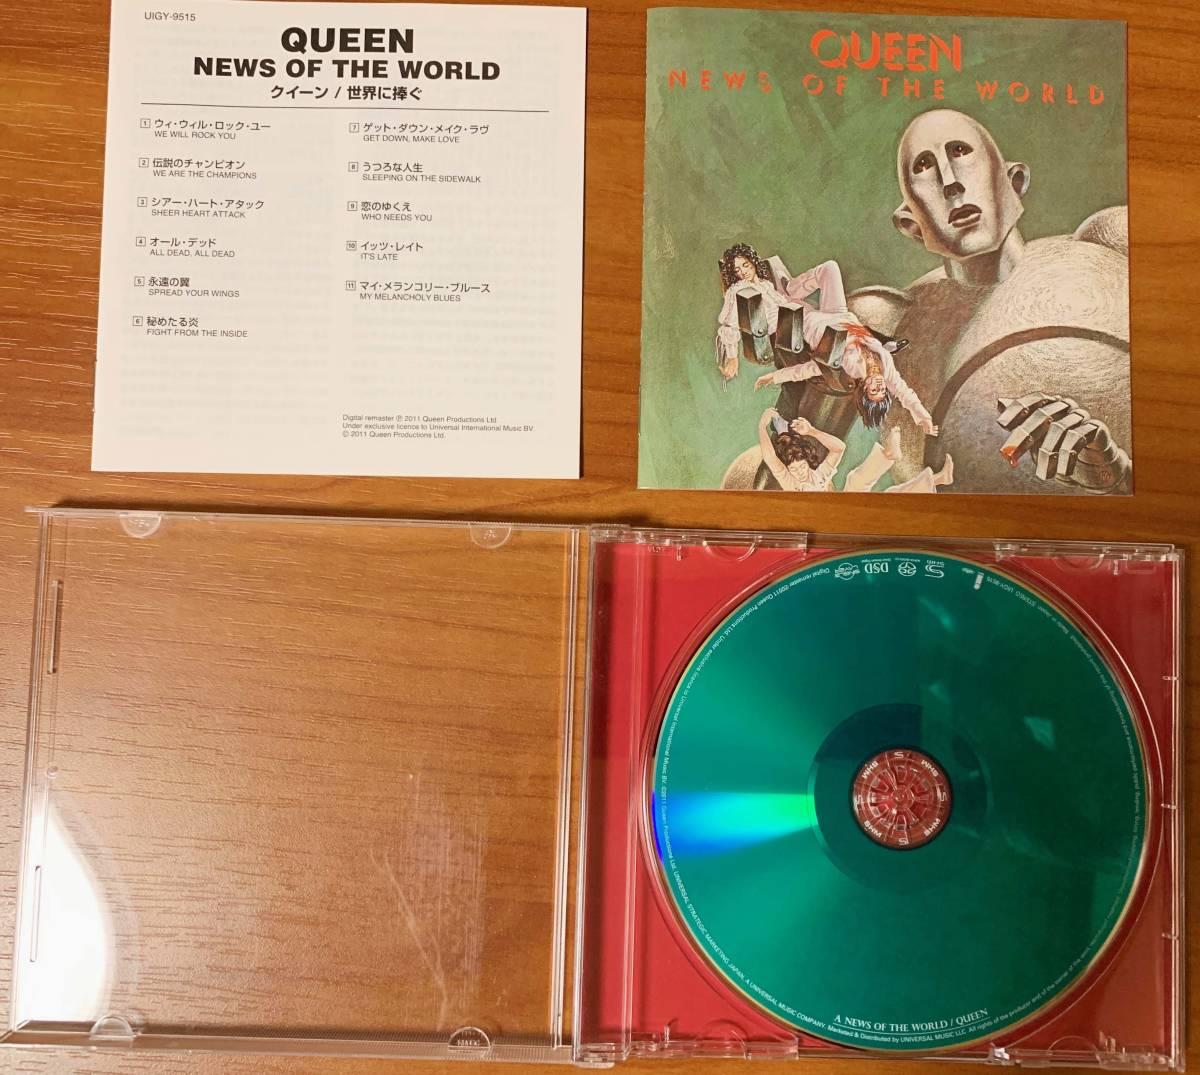 【希少品・廃盤】Queen クイーン 世界に捧ぐ UIGY-9515【SACDシングルレイヤー盤】_画像2